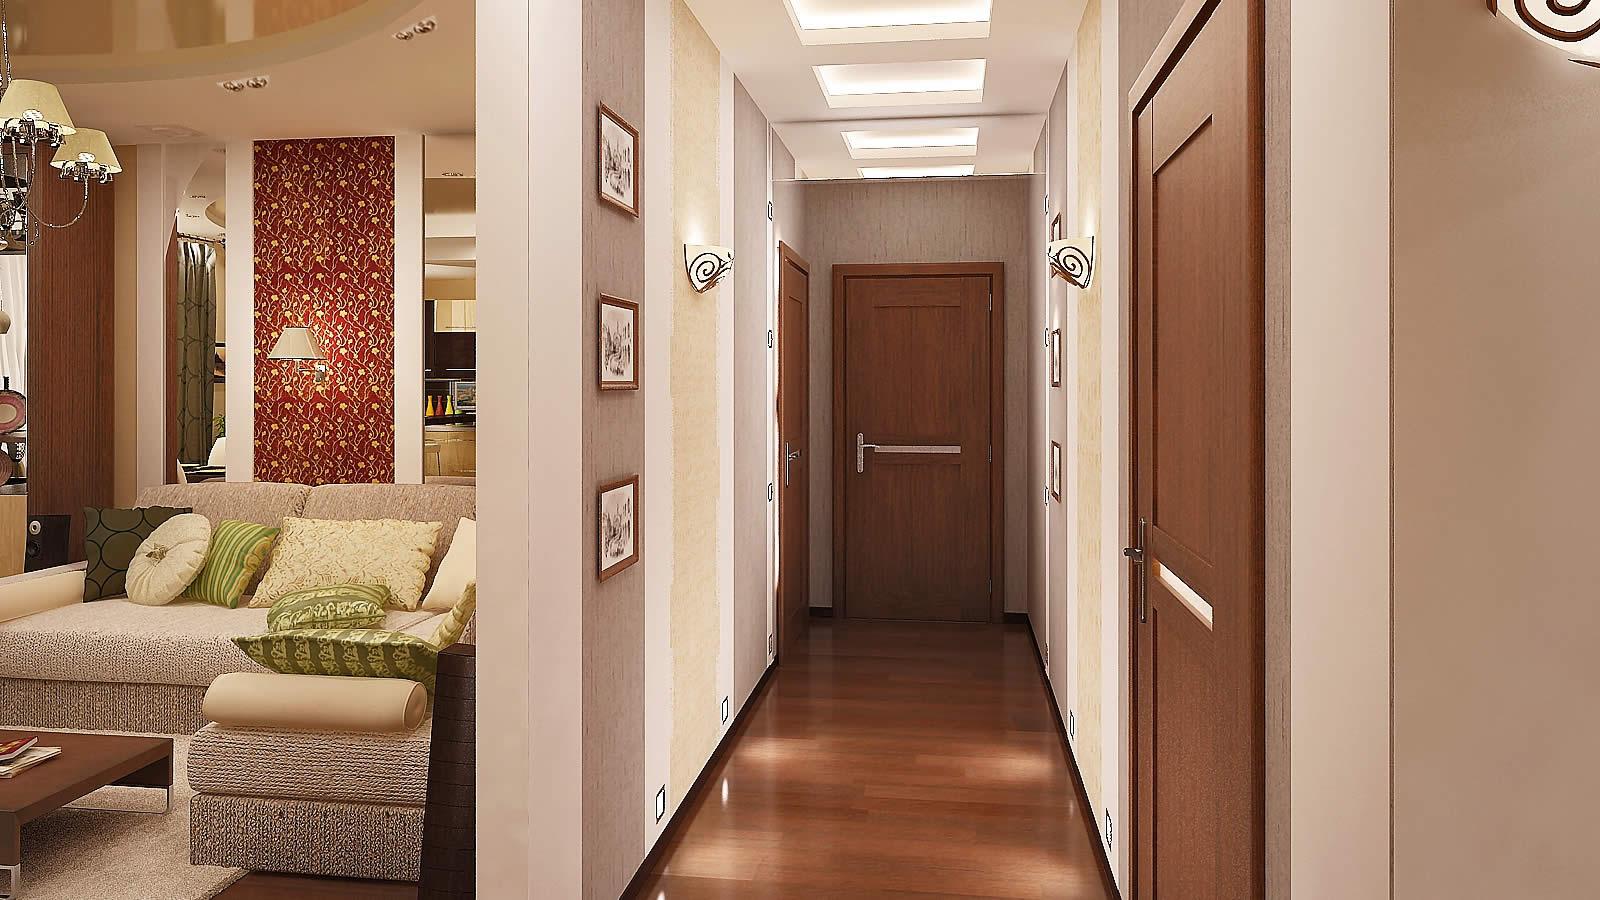 прихожая и коридор в доме дизайн фото #10